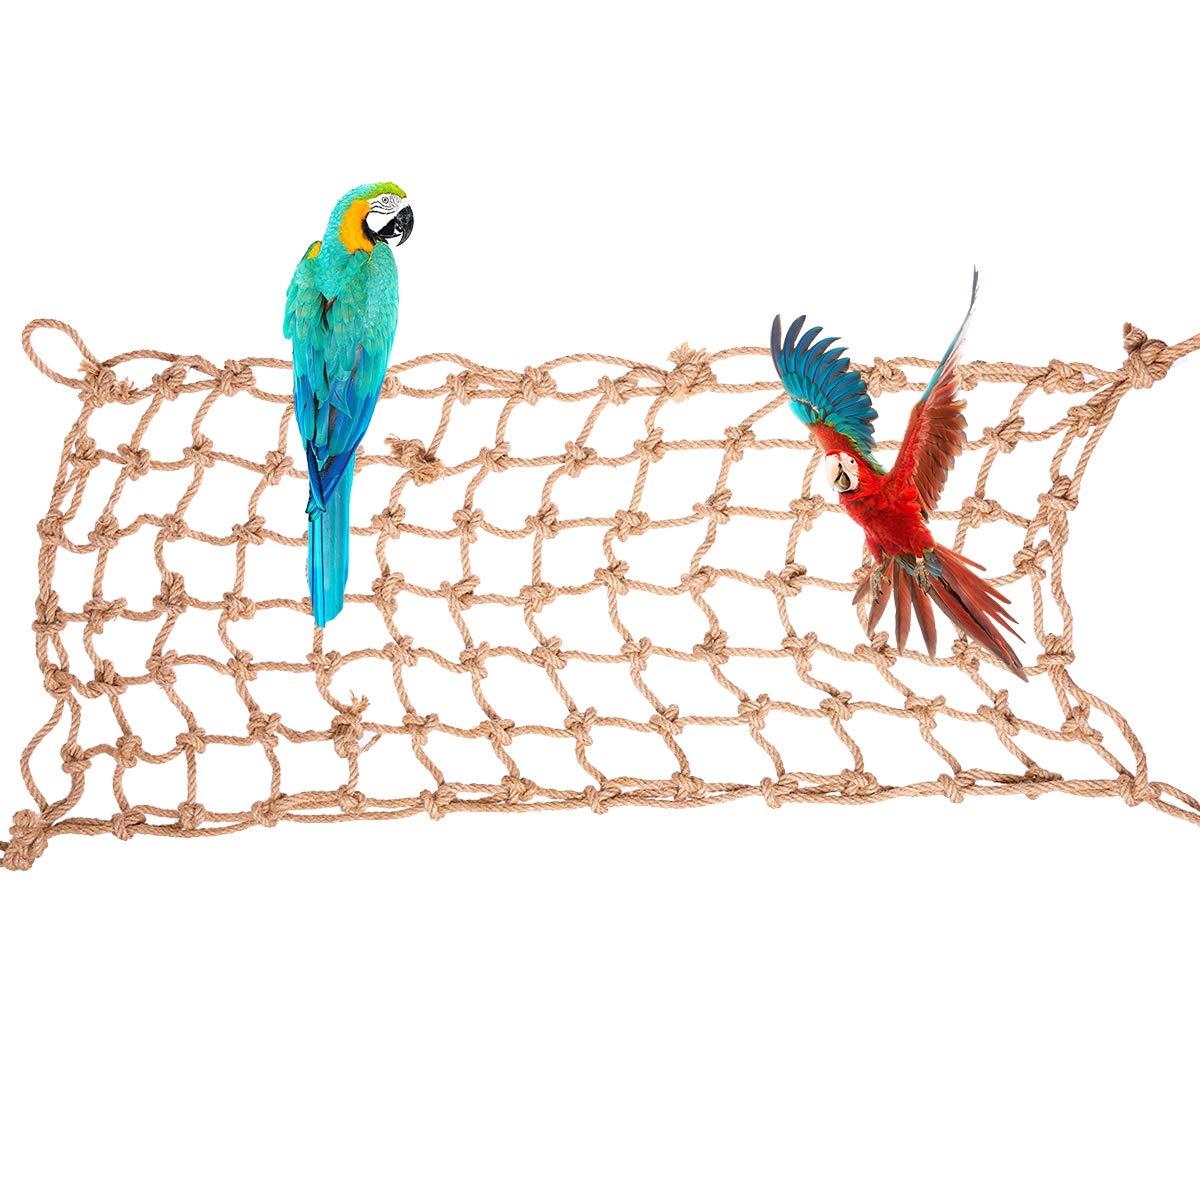 Bonaweite Large Bird Hemp Rope Climbing Parrot Net enriching Habitat by Bonaweite